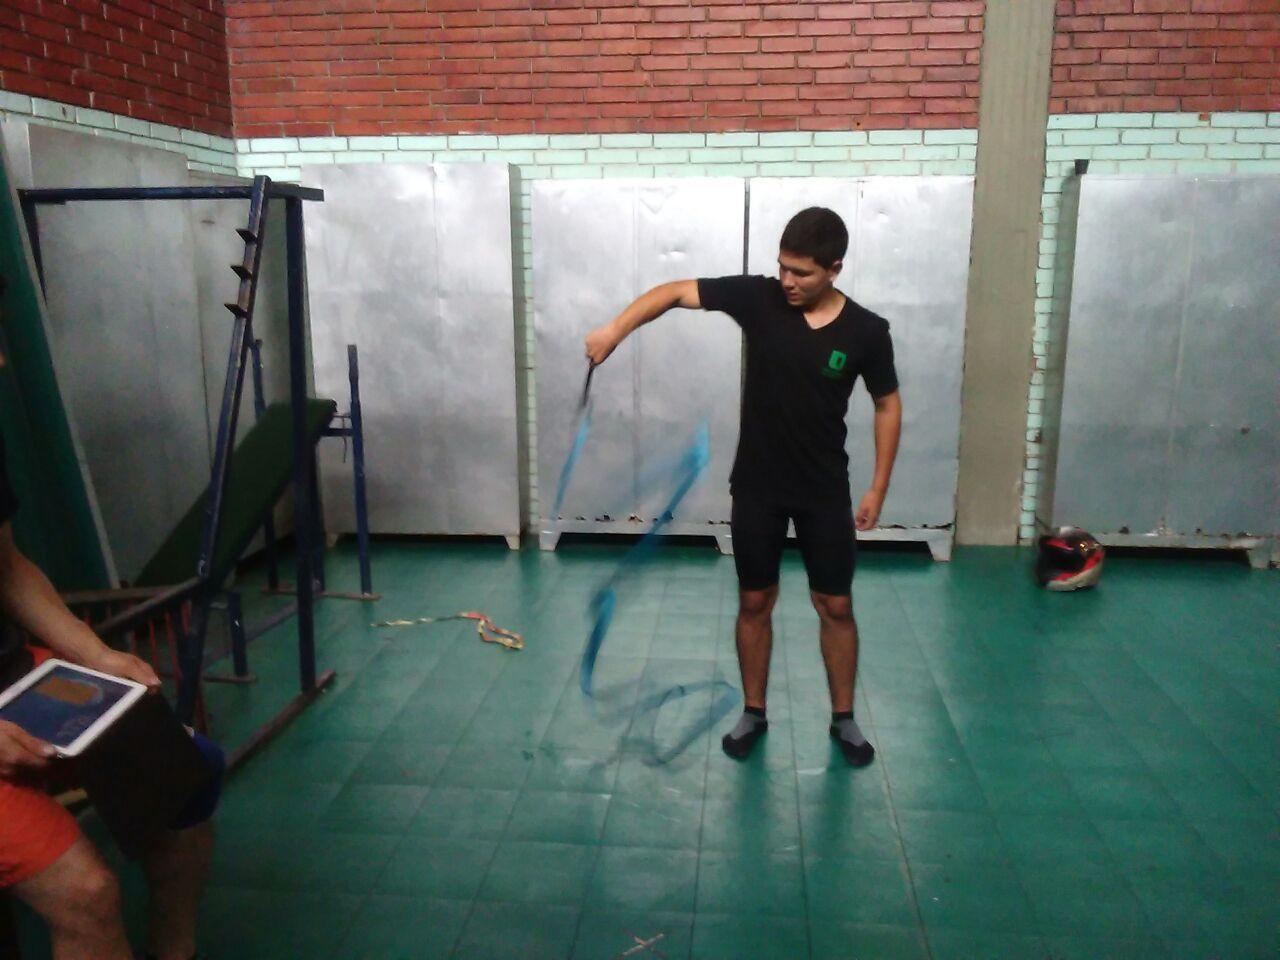 La escoliosis de 2 grados el boxeo